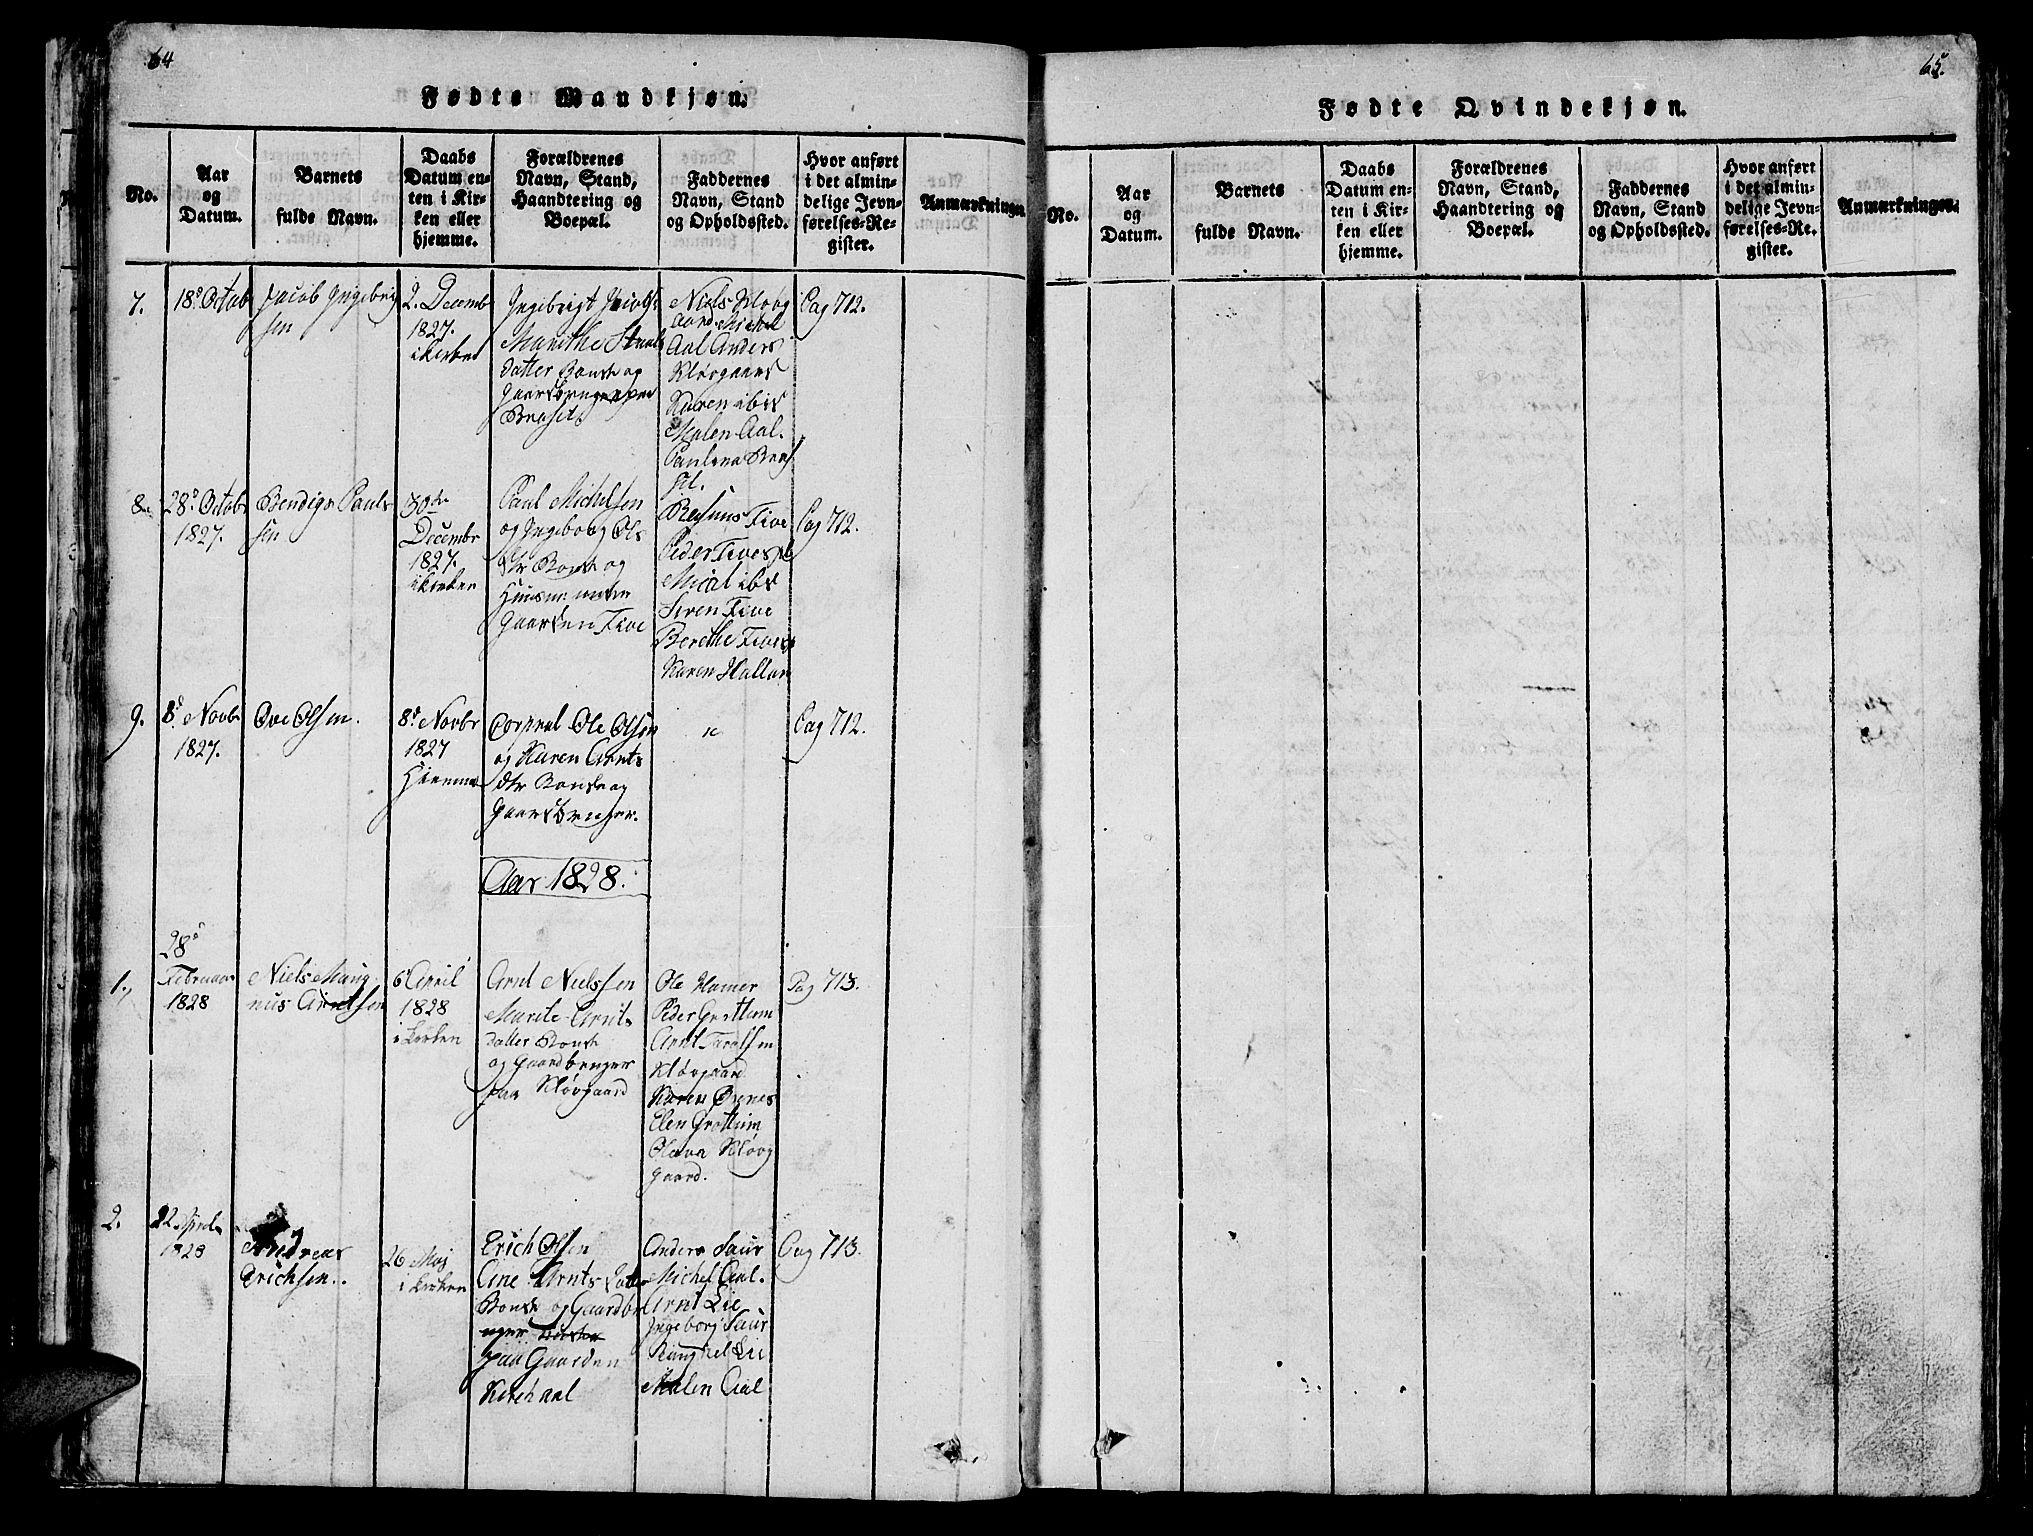 SAT, Ministerialprotokoller, klokkerbøker og fødselsregistre - Nord-Trøndelag, 747/L0459: Klokkerbok nr. 747C01, 1816-1842, s. 64-65